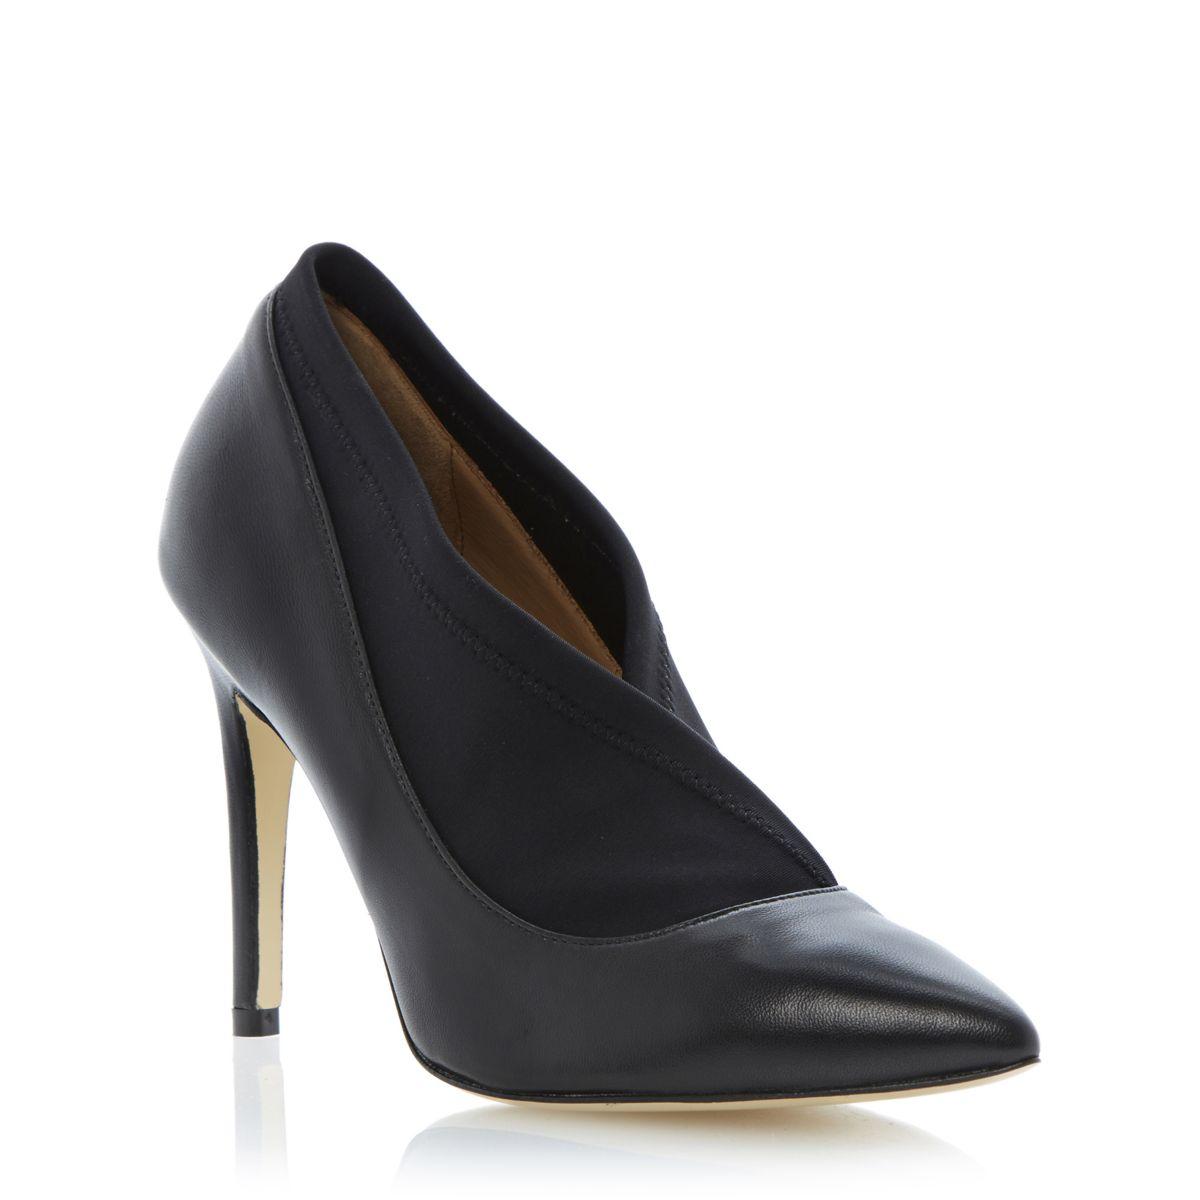 bottines femmes dune alaia femme noir talon aiguille et bout pointu cour chaussures taille uk 3. Black Bedroom Furniture Sets. Home Design Ideas